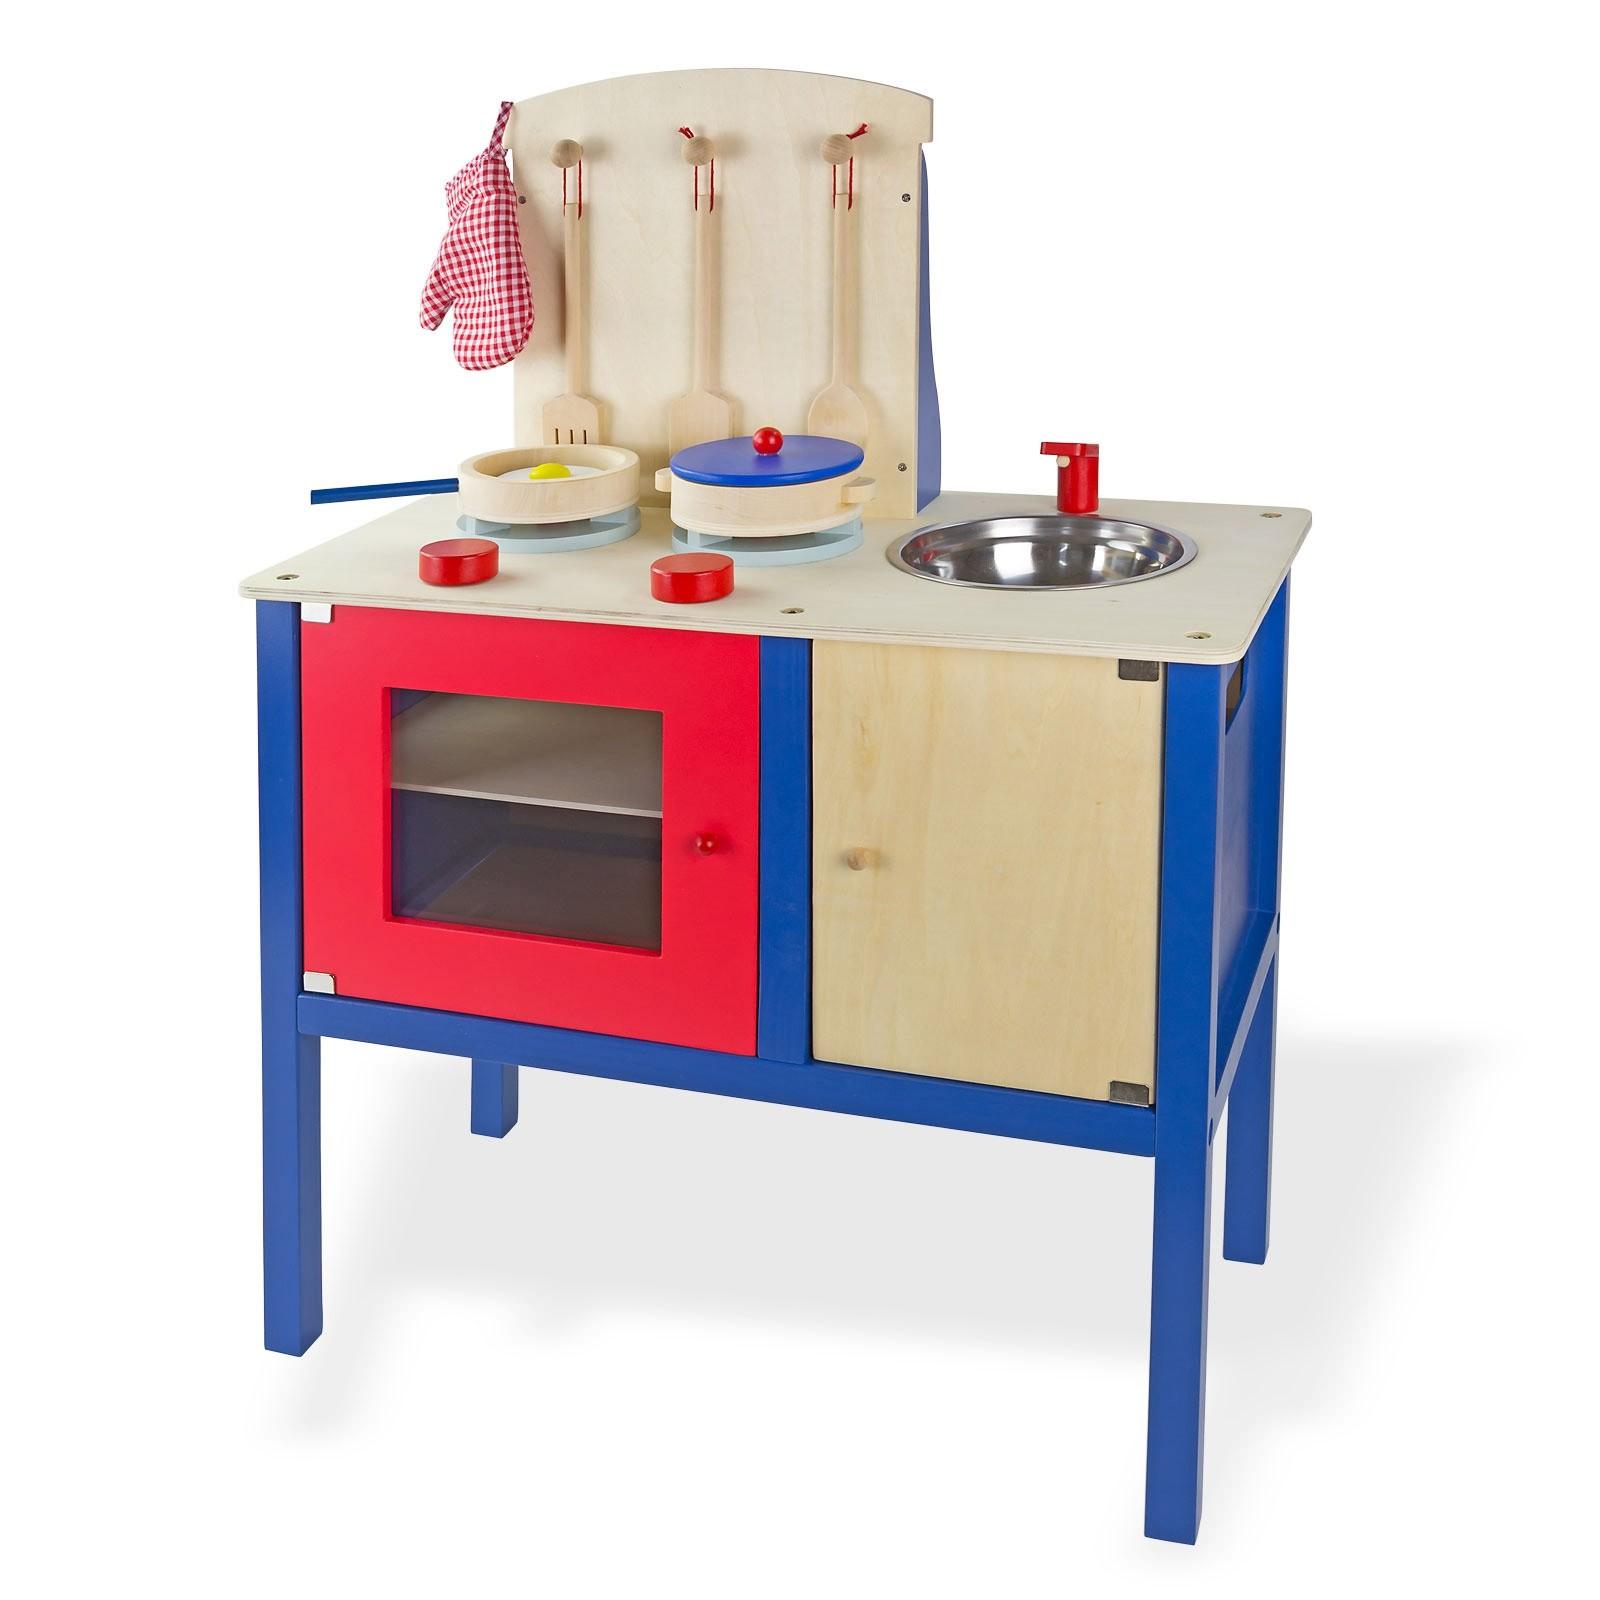 Dema Kinderküche / Spielküche aus Holz mit Zubehör 12299